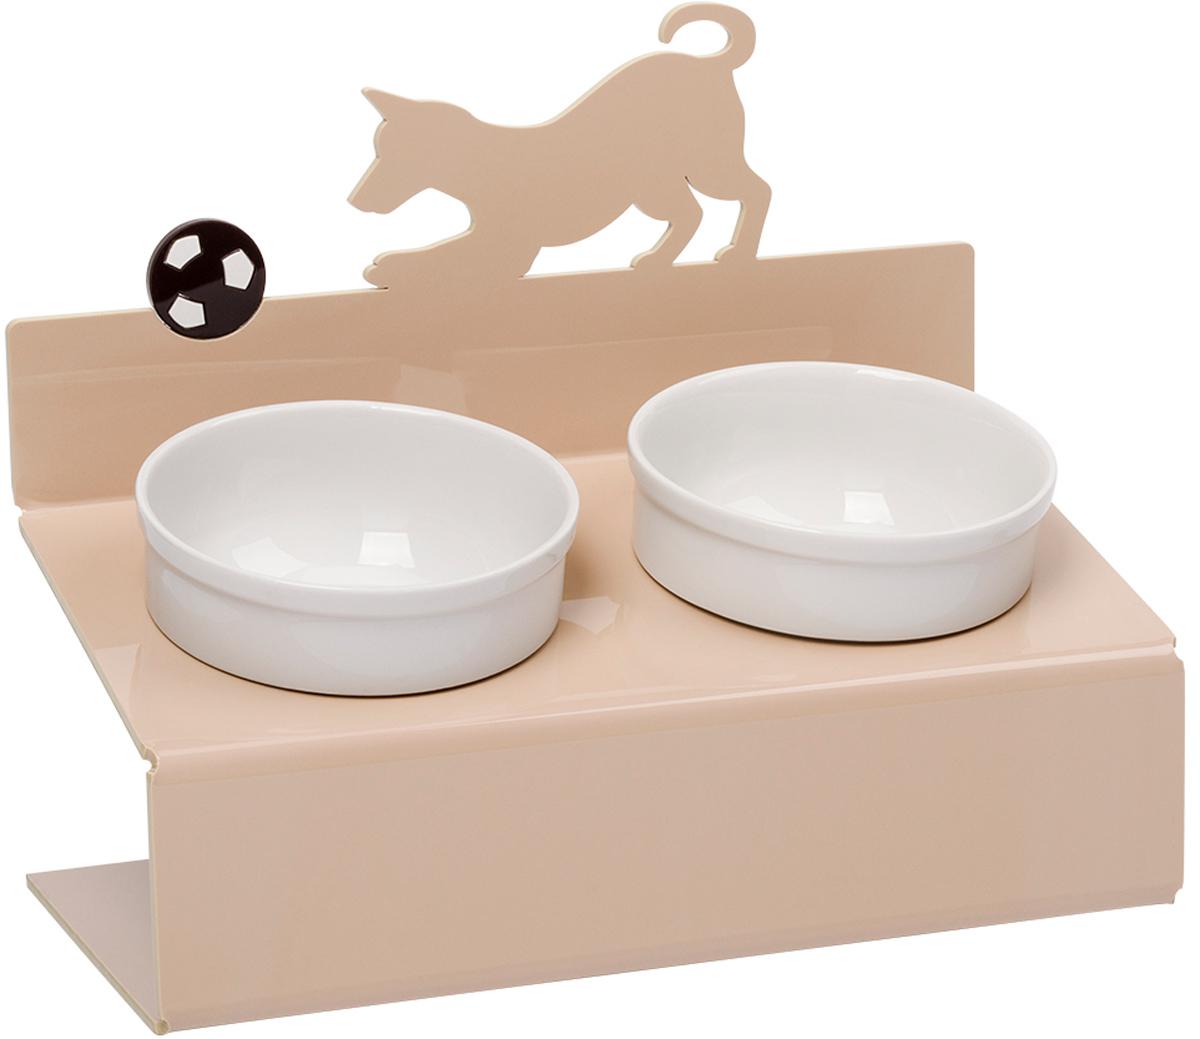 Миска для животных Artmiska  Собака и мяч , двойная, на подставке, цвет: кремовый, 2 x 350 мл - Аксессуары для кормления